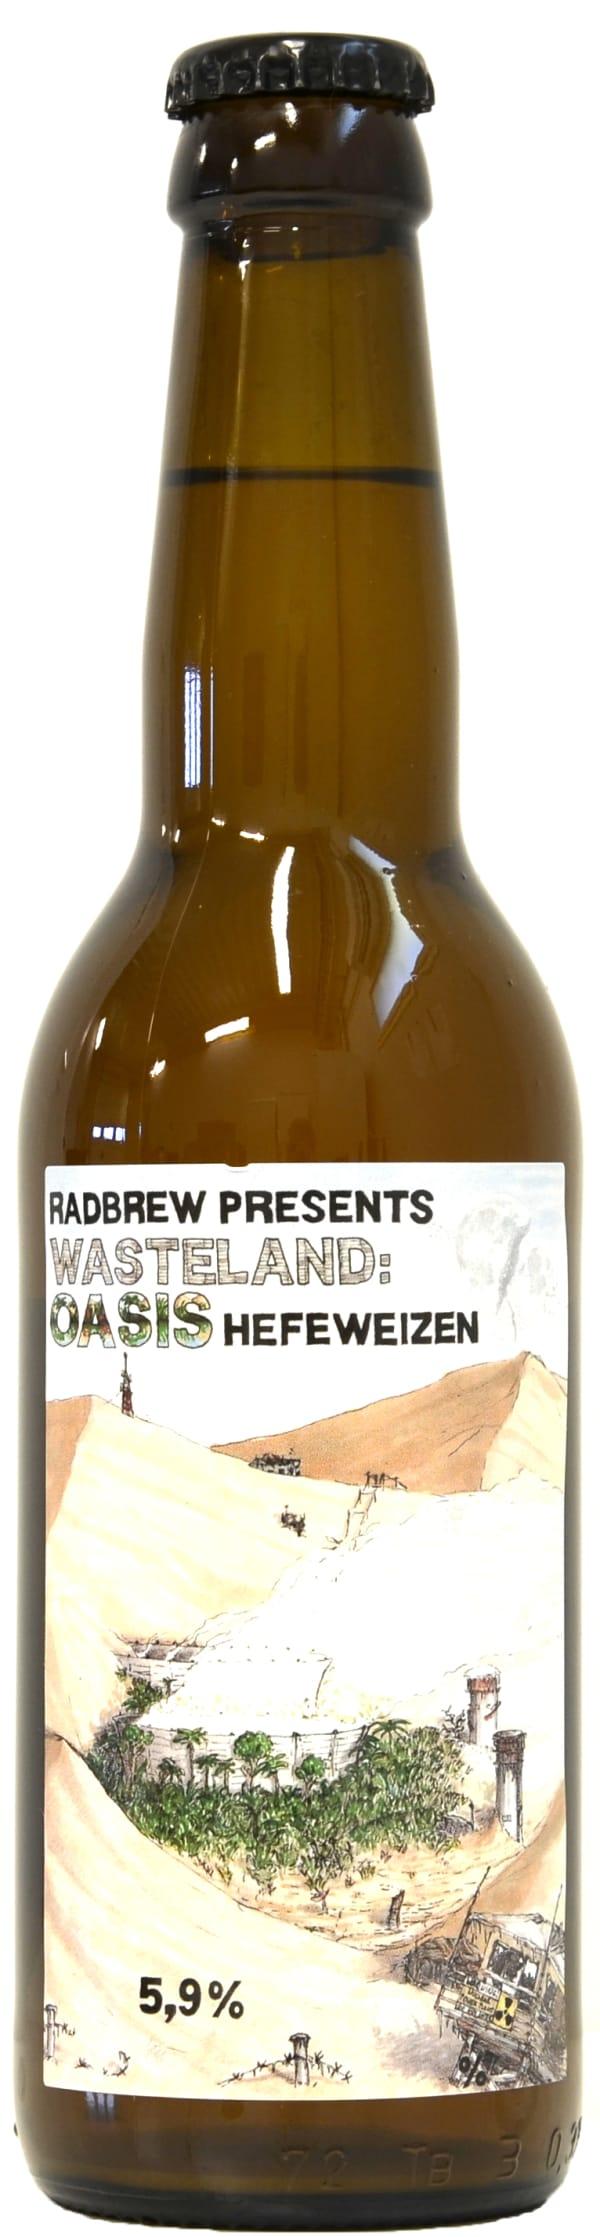 Radbrew Wasteland Oasis Hefeweizen